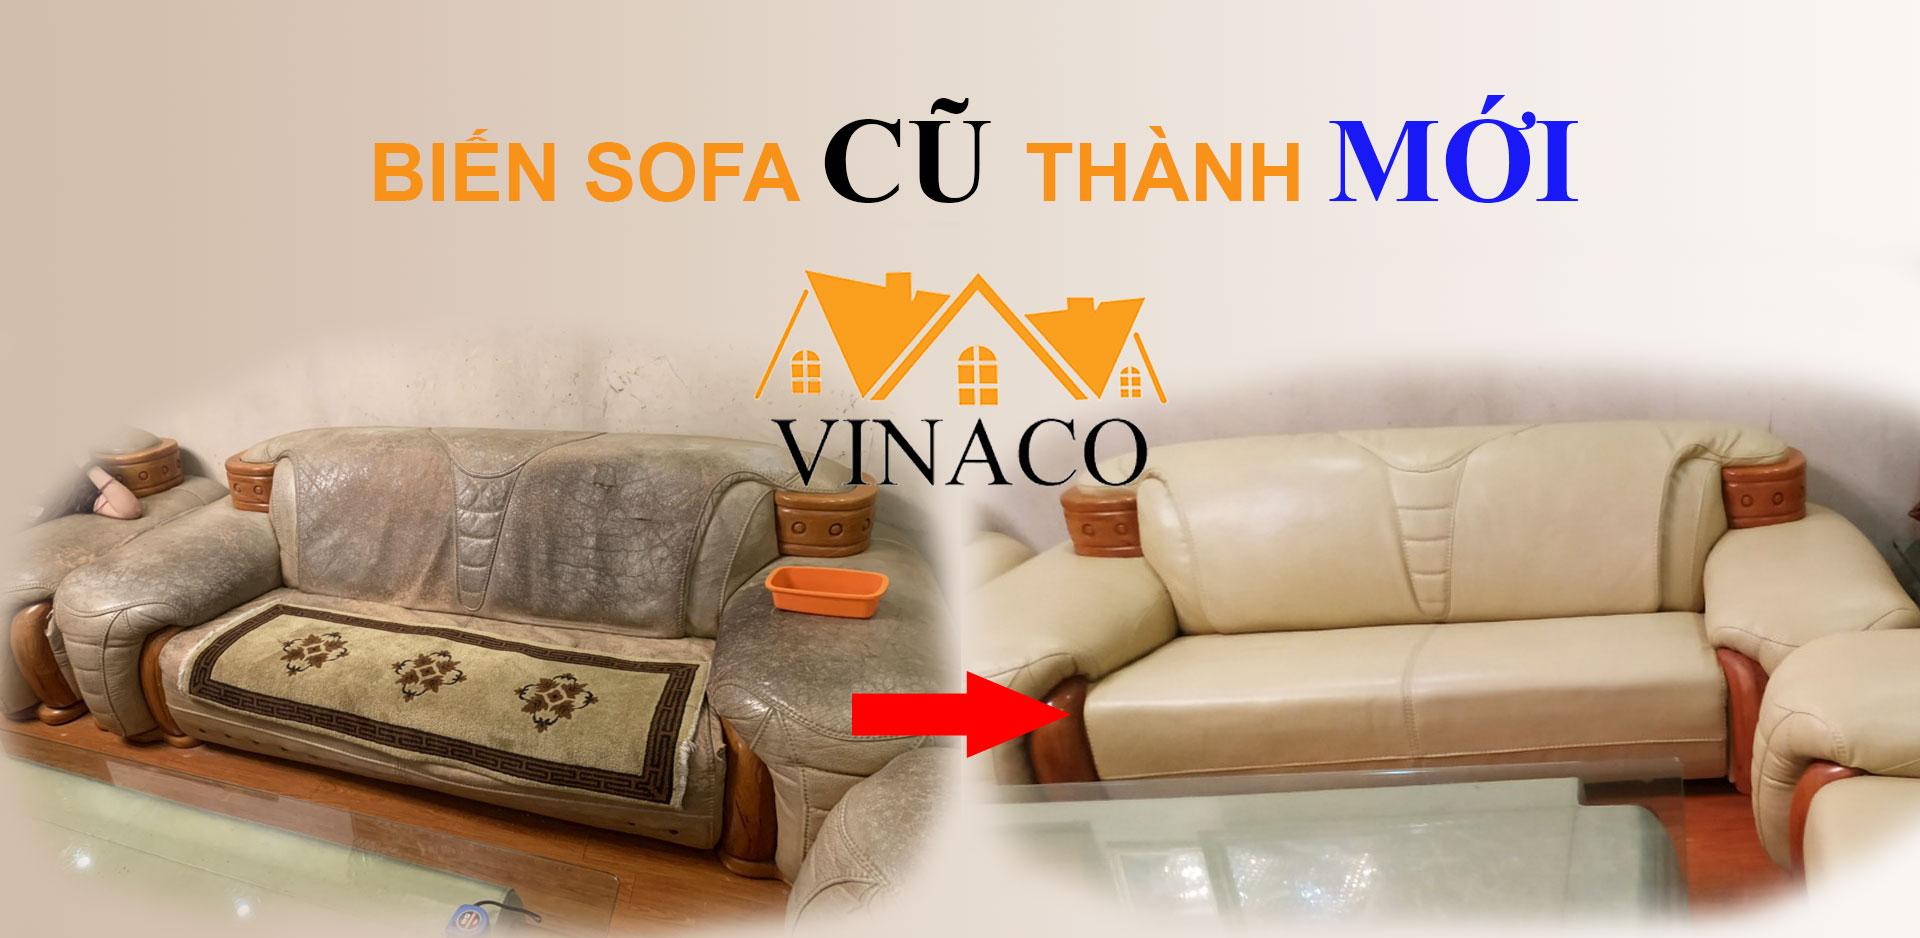 Banner bọc ghế sofa cũ thành mới của vinaco